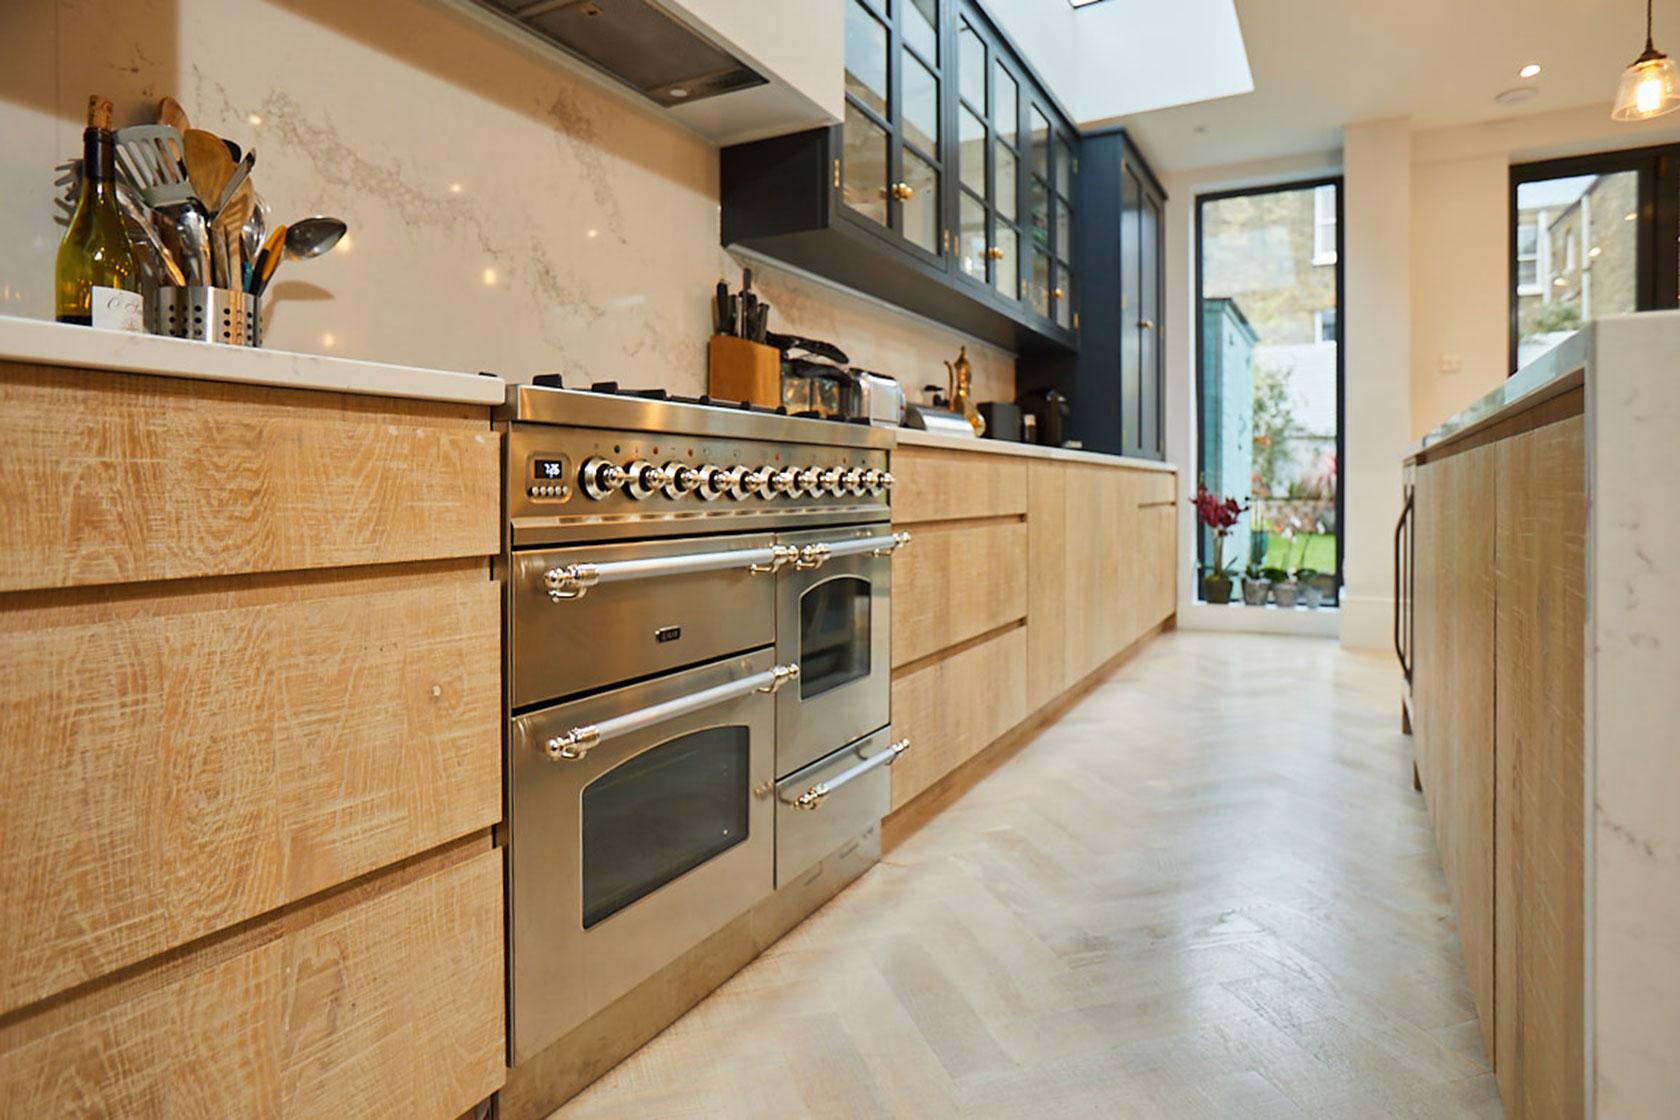 Bespoke limed oak engineered pan drawers